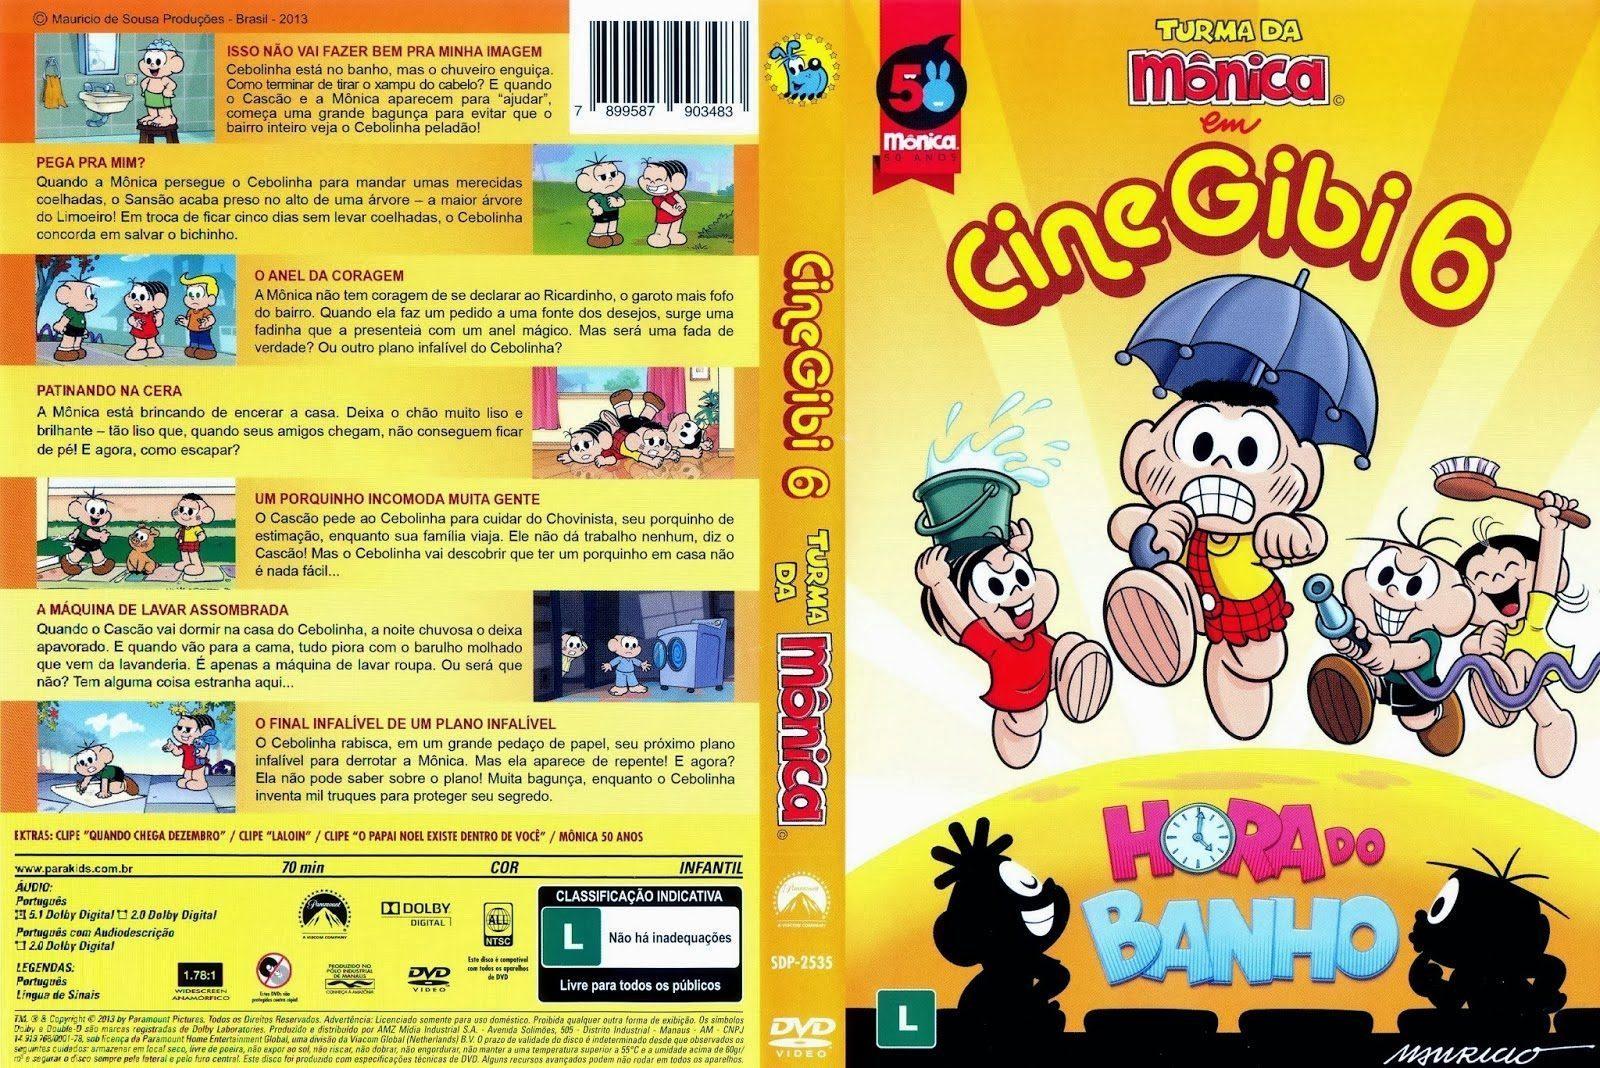 cinegibi6-horadobanho-7663285-1263188-6023150-5644252